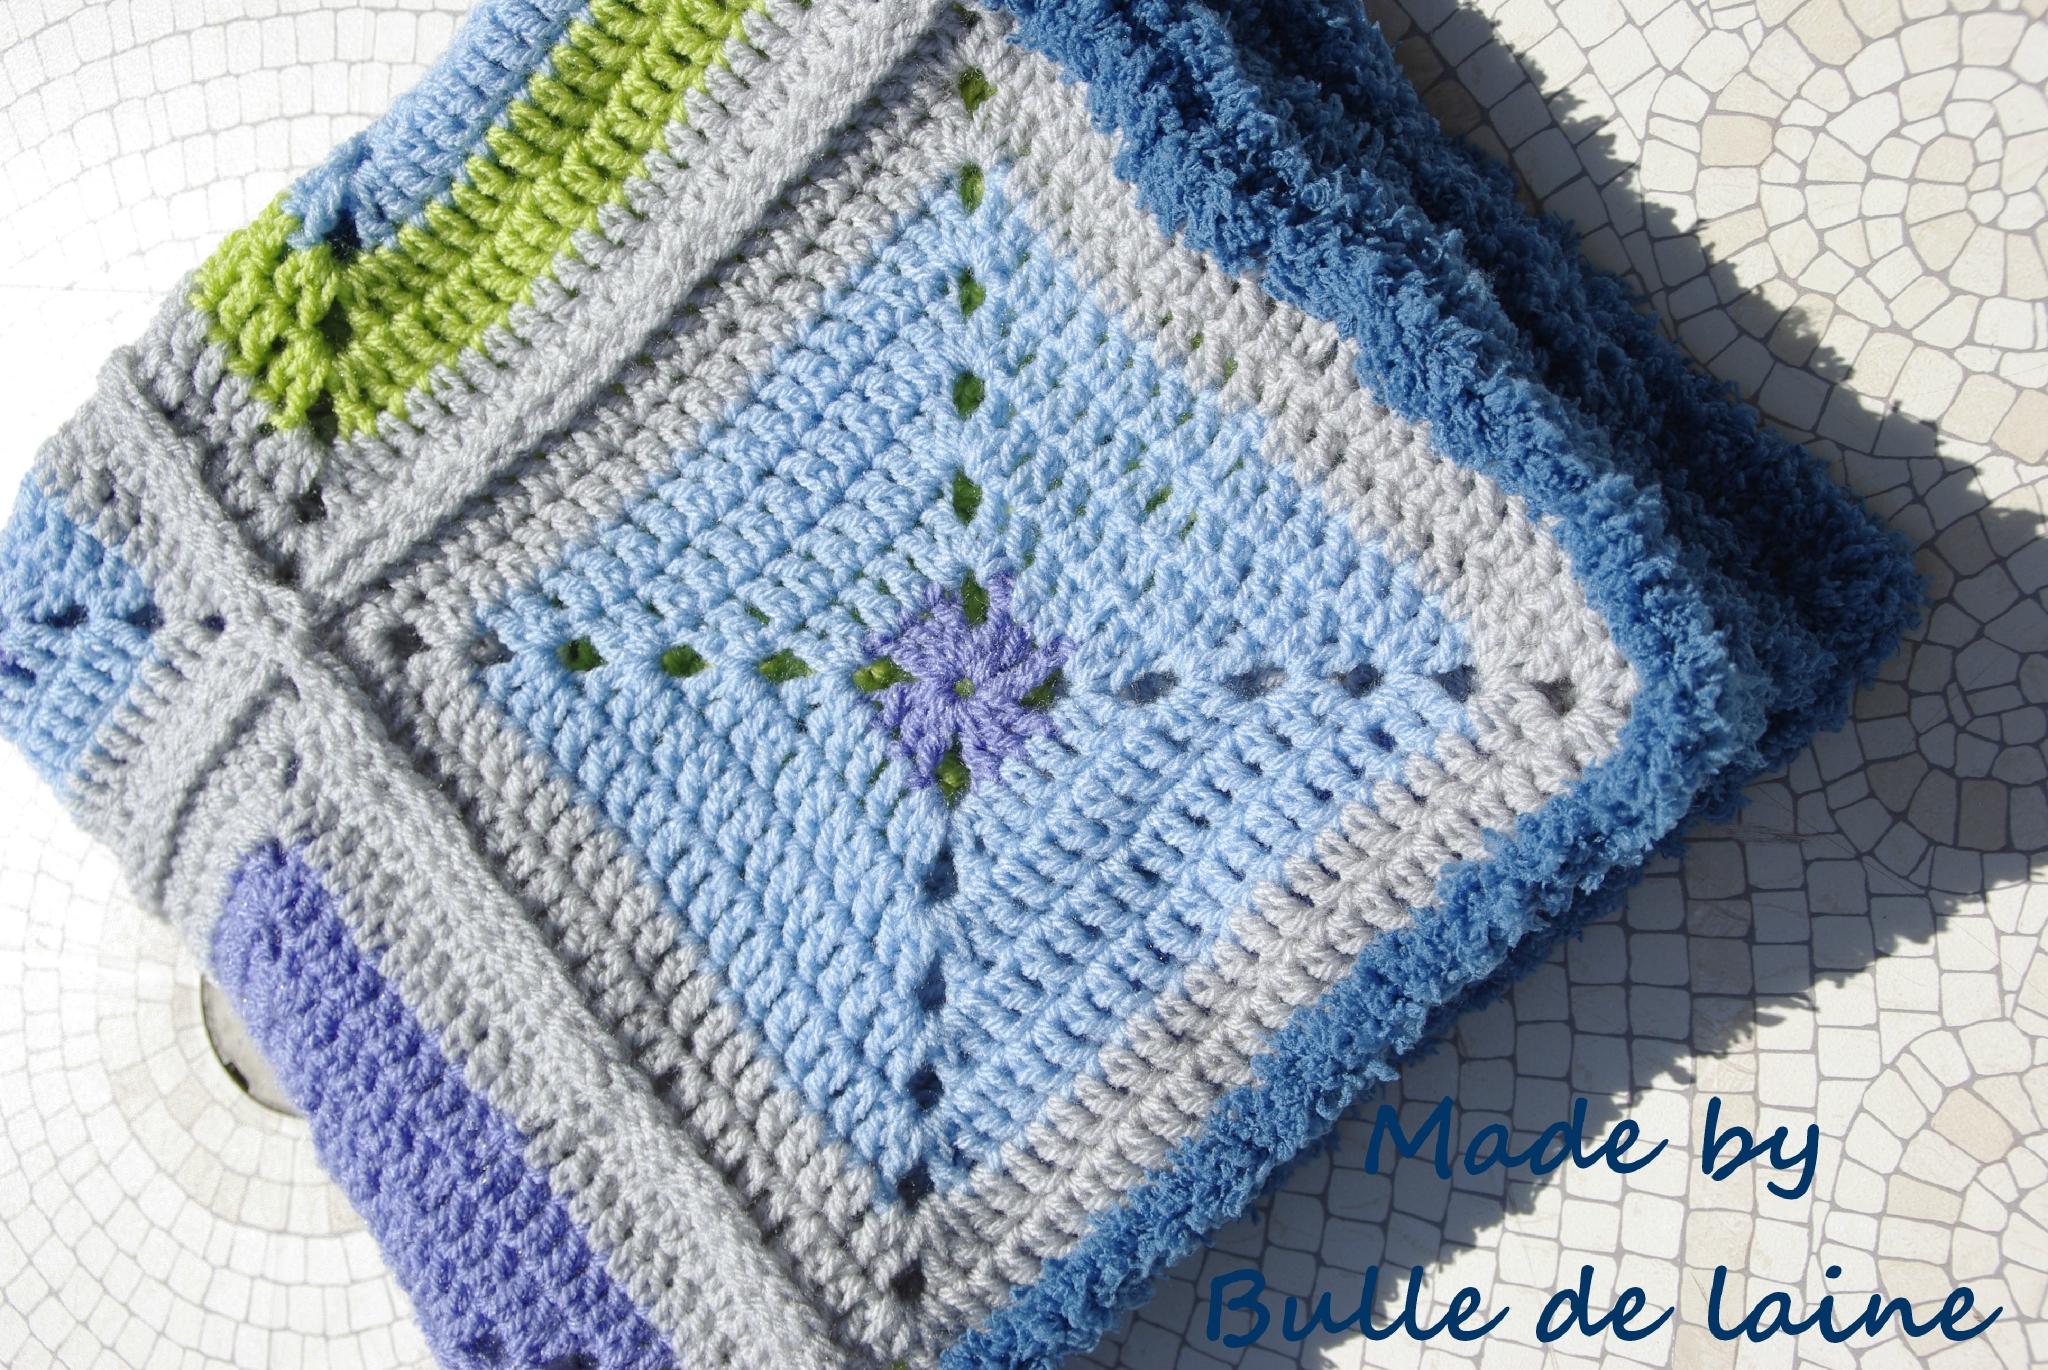 Les plaids r alis s avec des carr s bulle de laine - Carre crochet pour couverture bebe ...